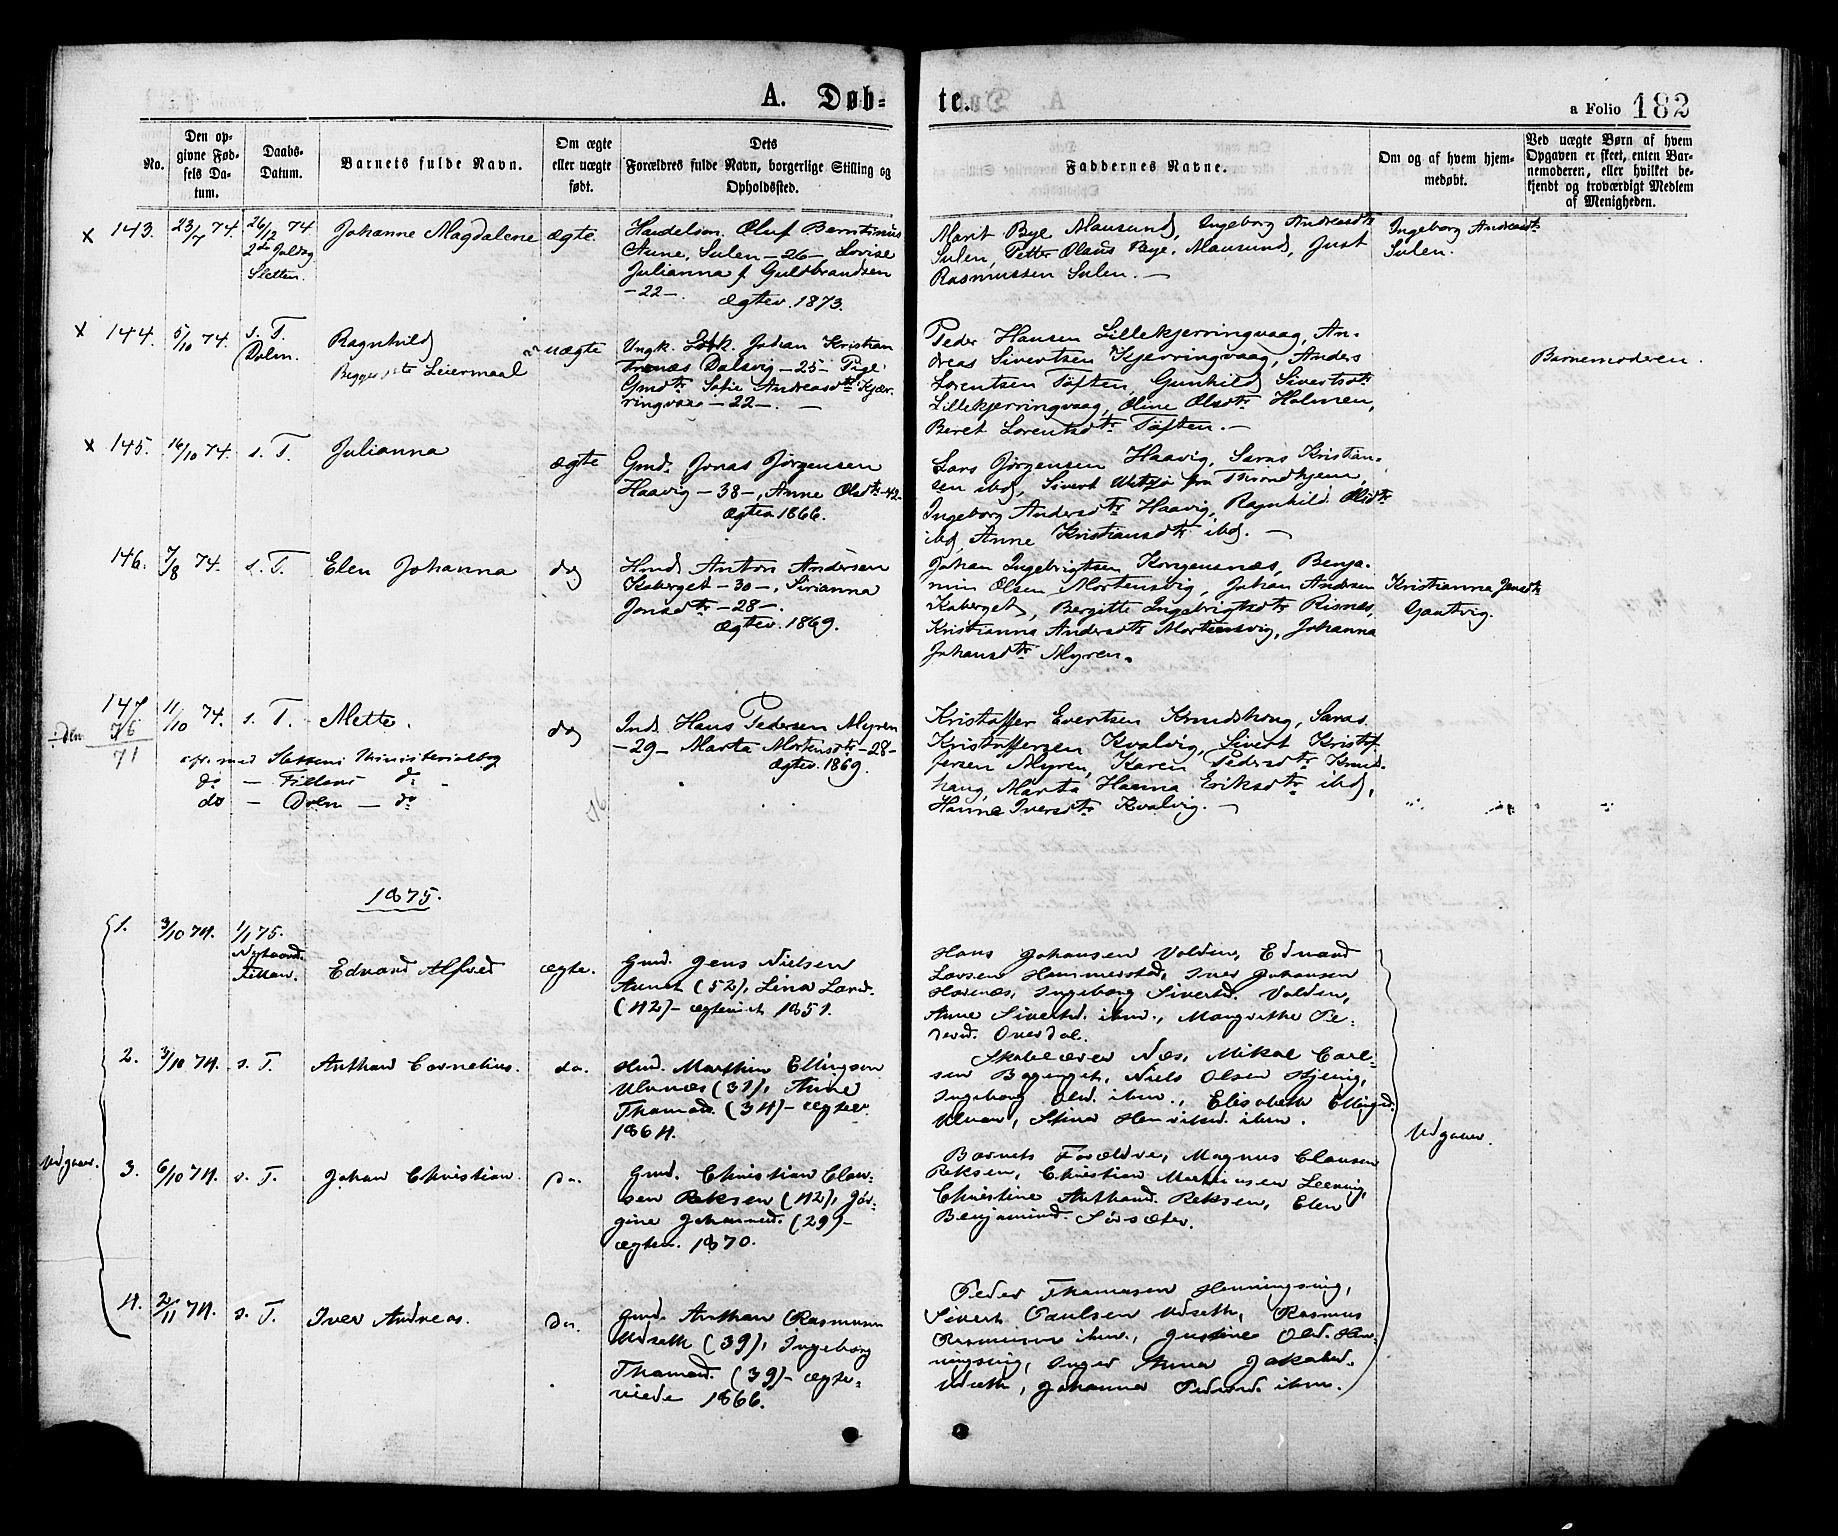 SAT, Ministerialprotokoller, klokkerbøker og fødselsregistre - Sør-Trøndelag, 634/L0532: Ministerialbok nr. 634A08, 1871-1881, s. 182